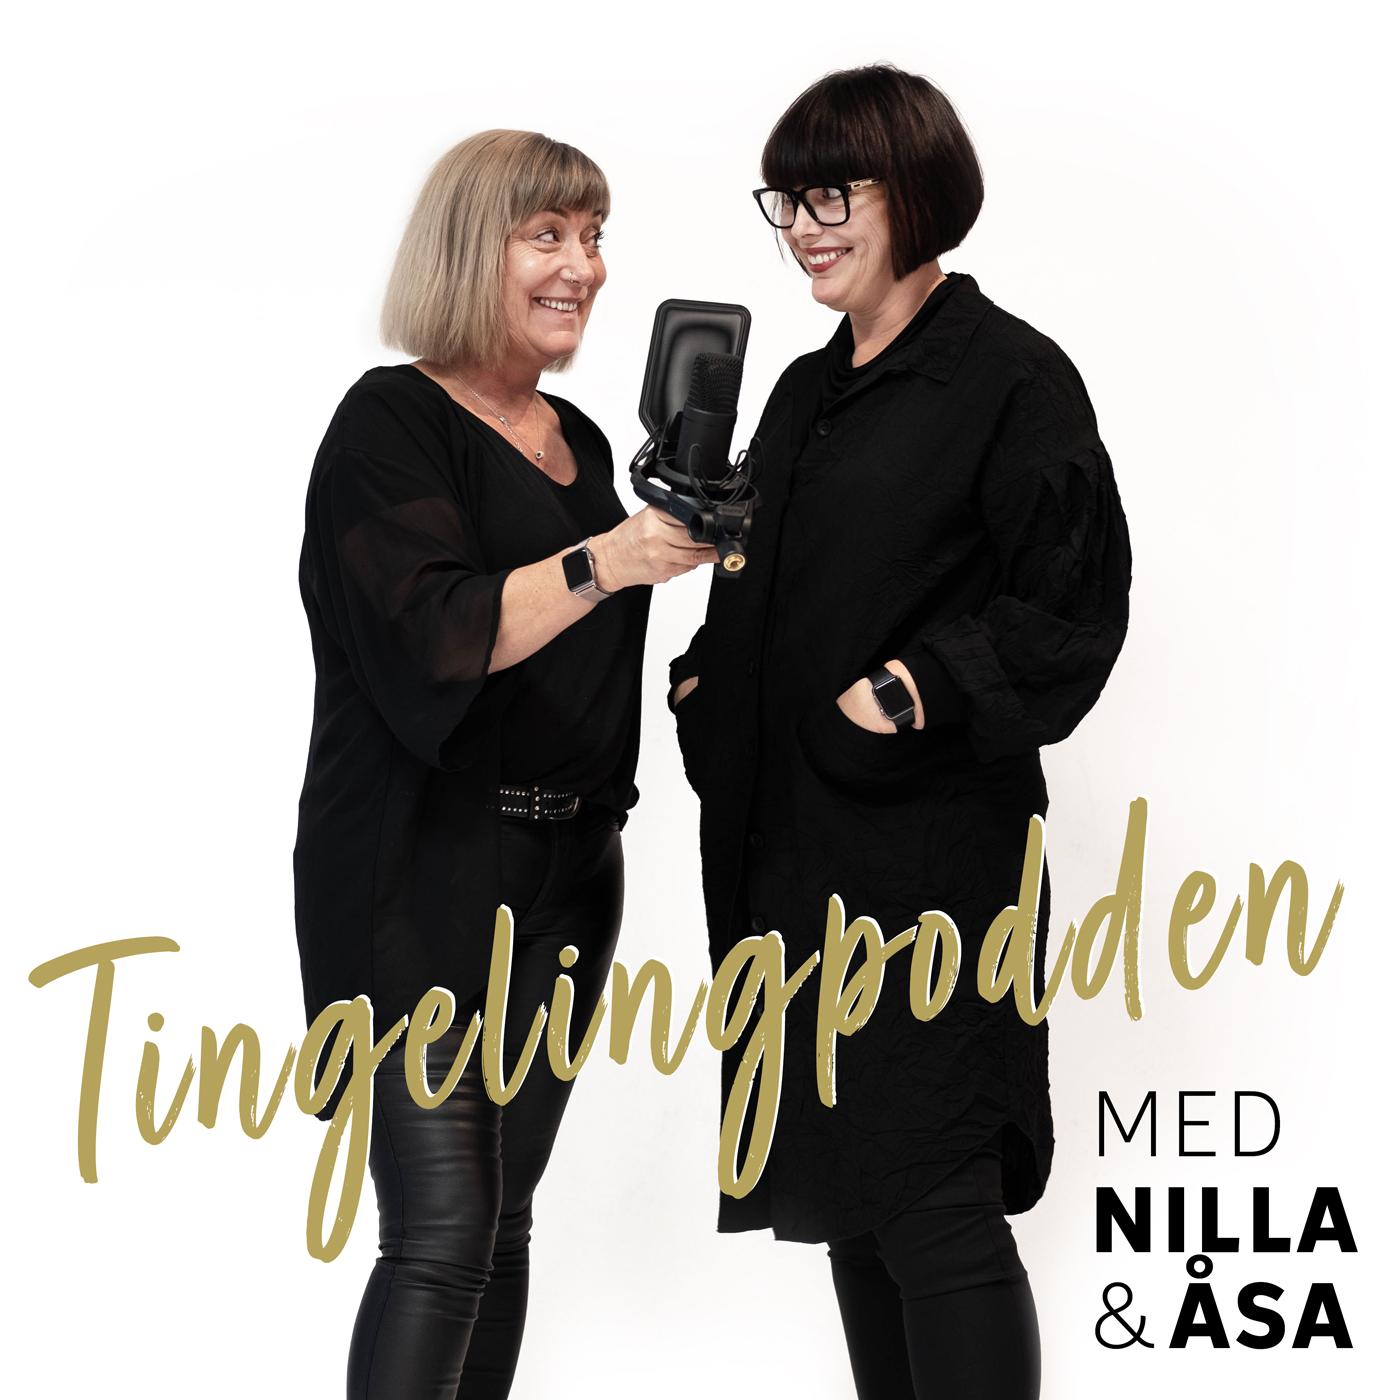 1. Tingelingpodden och deras nya kollektion Personality Lasting show art